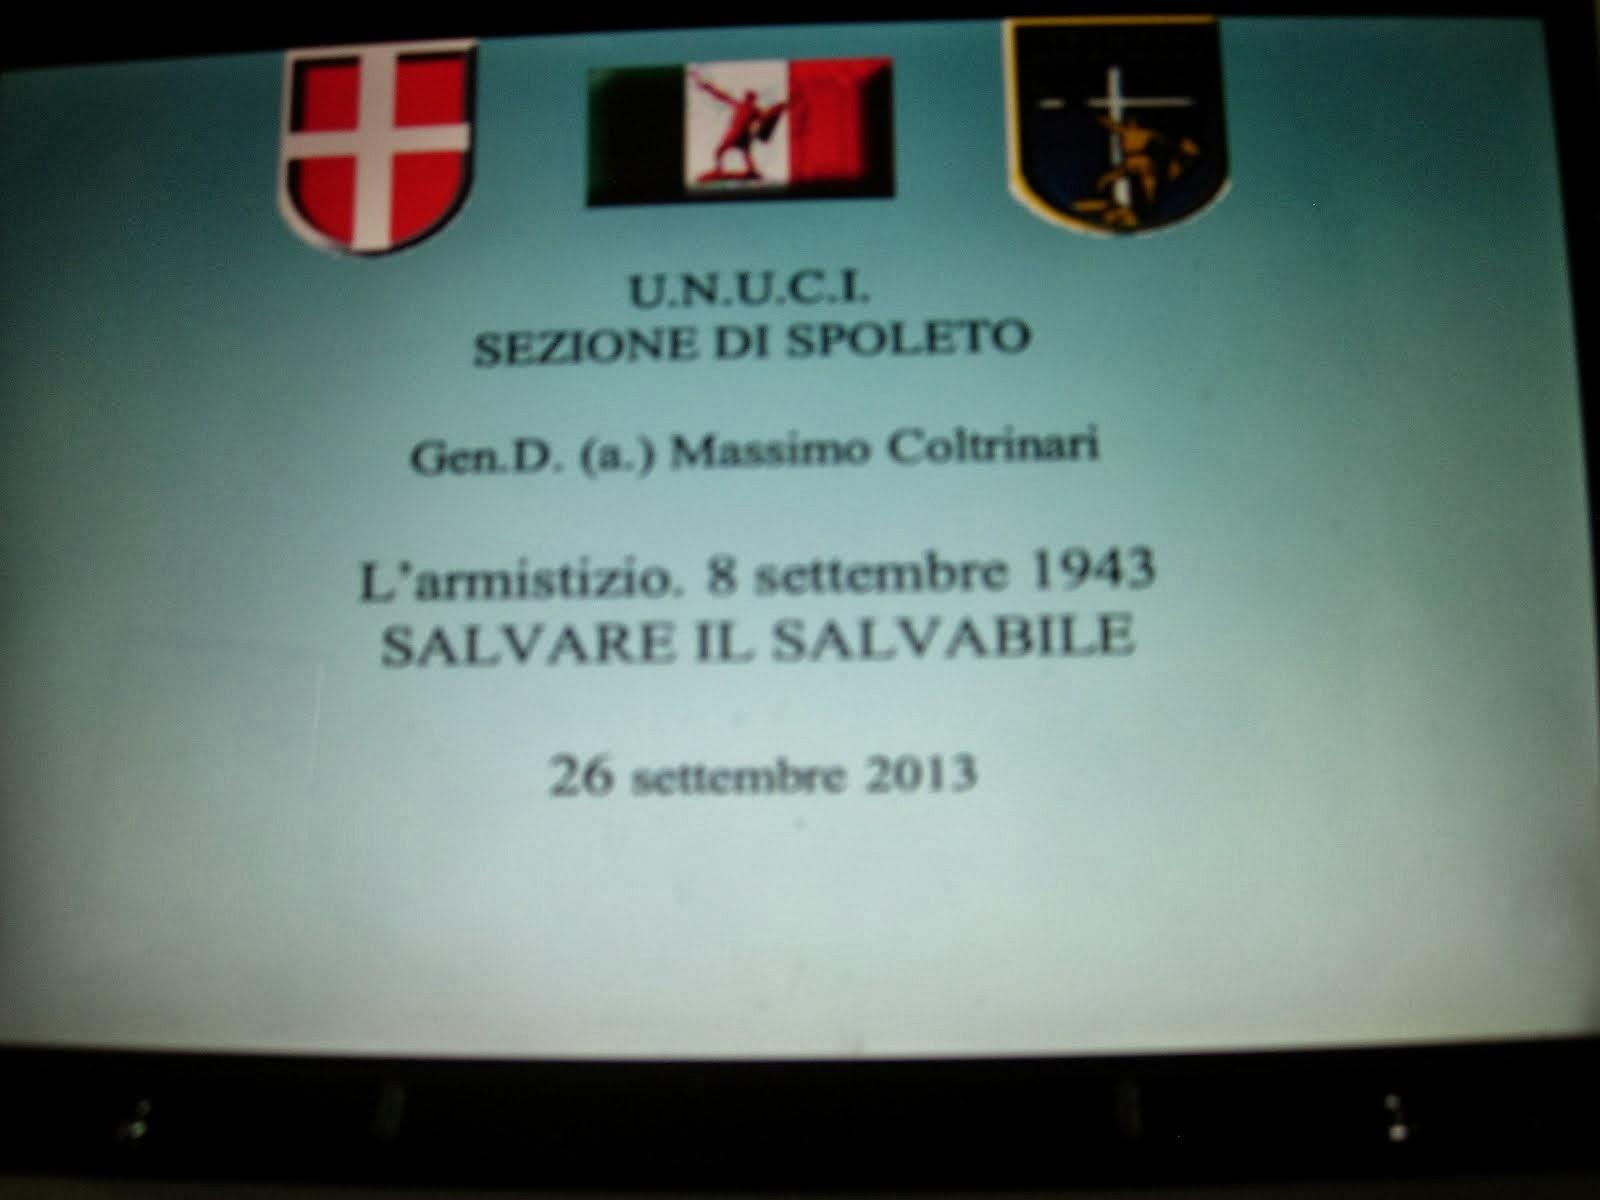 Conferenza dedicata alla crisi armistiziale dell'8 settembre